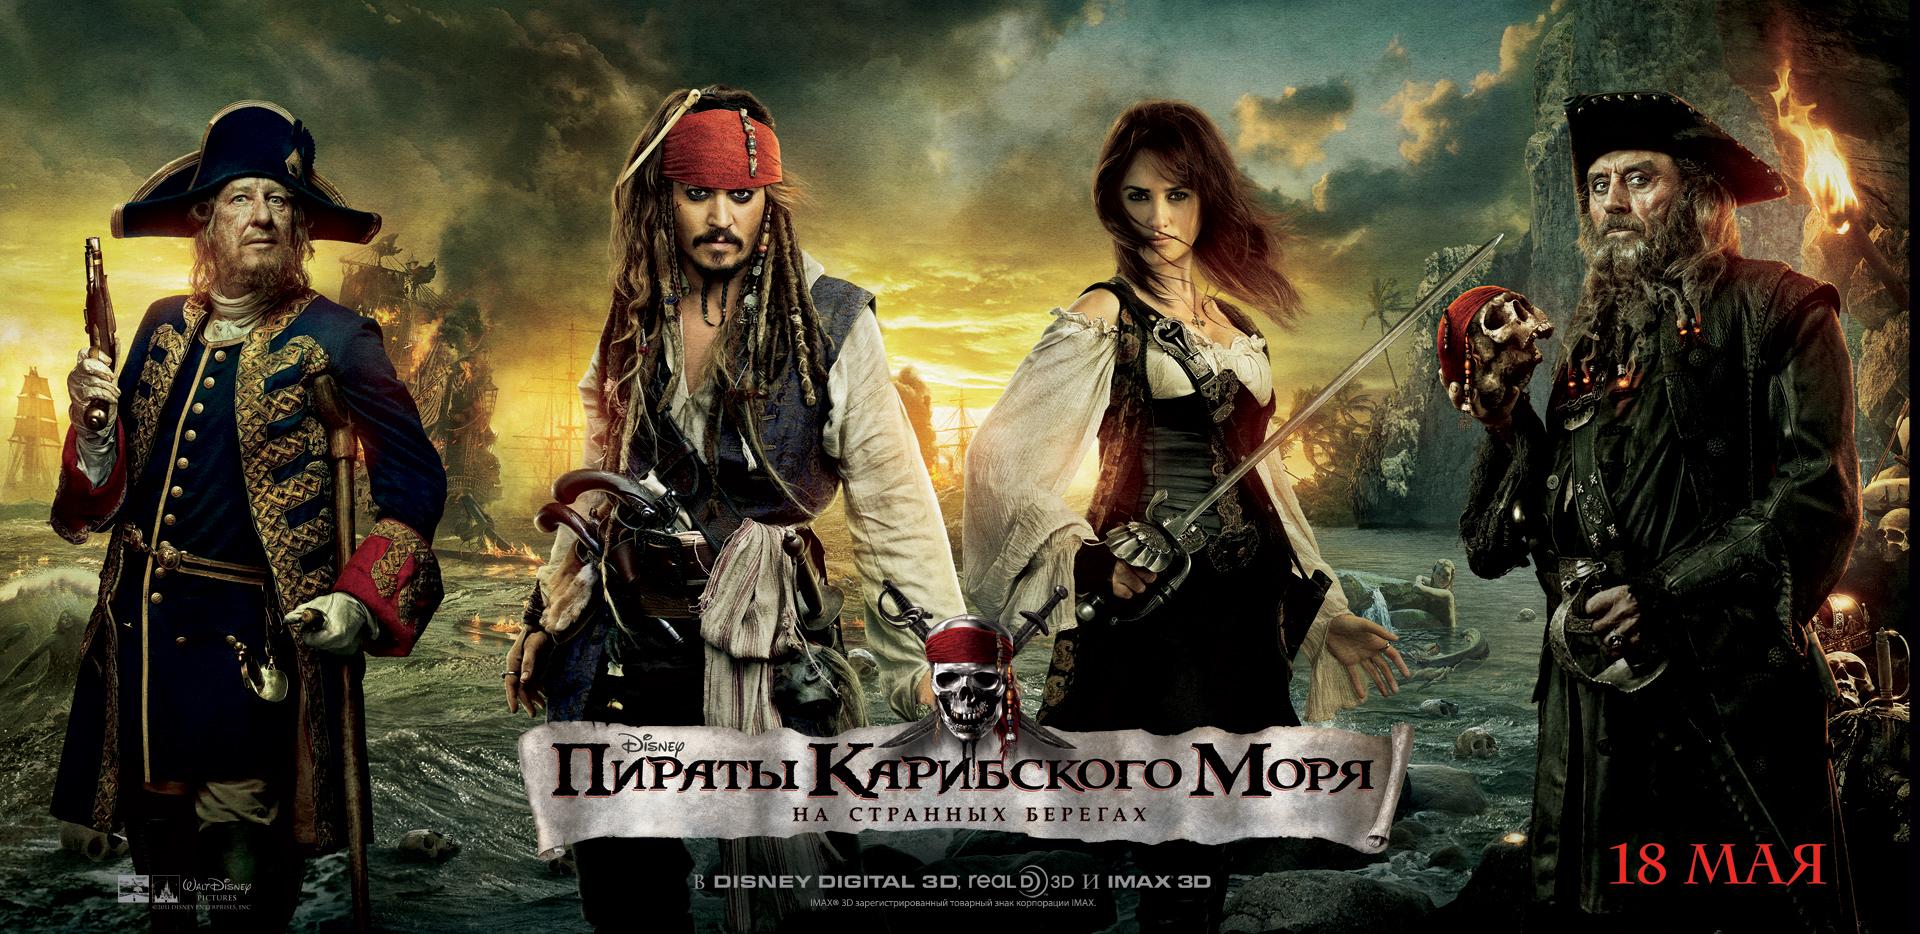 Смотреть Пираты Карибского моря: На странных берегах (Pirates of the Caribbean: On Stranger Tides, 2011) видео